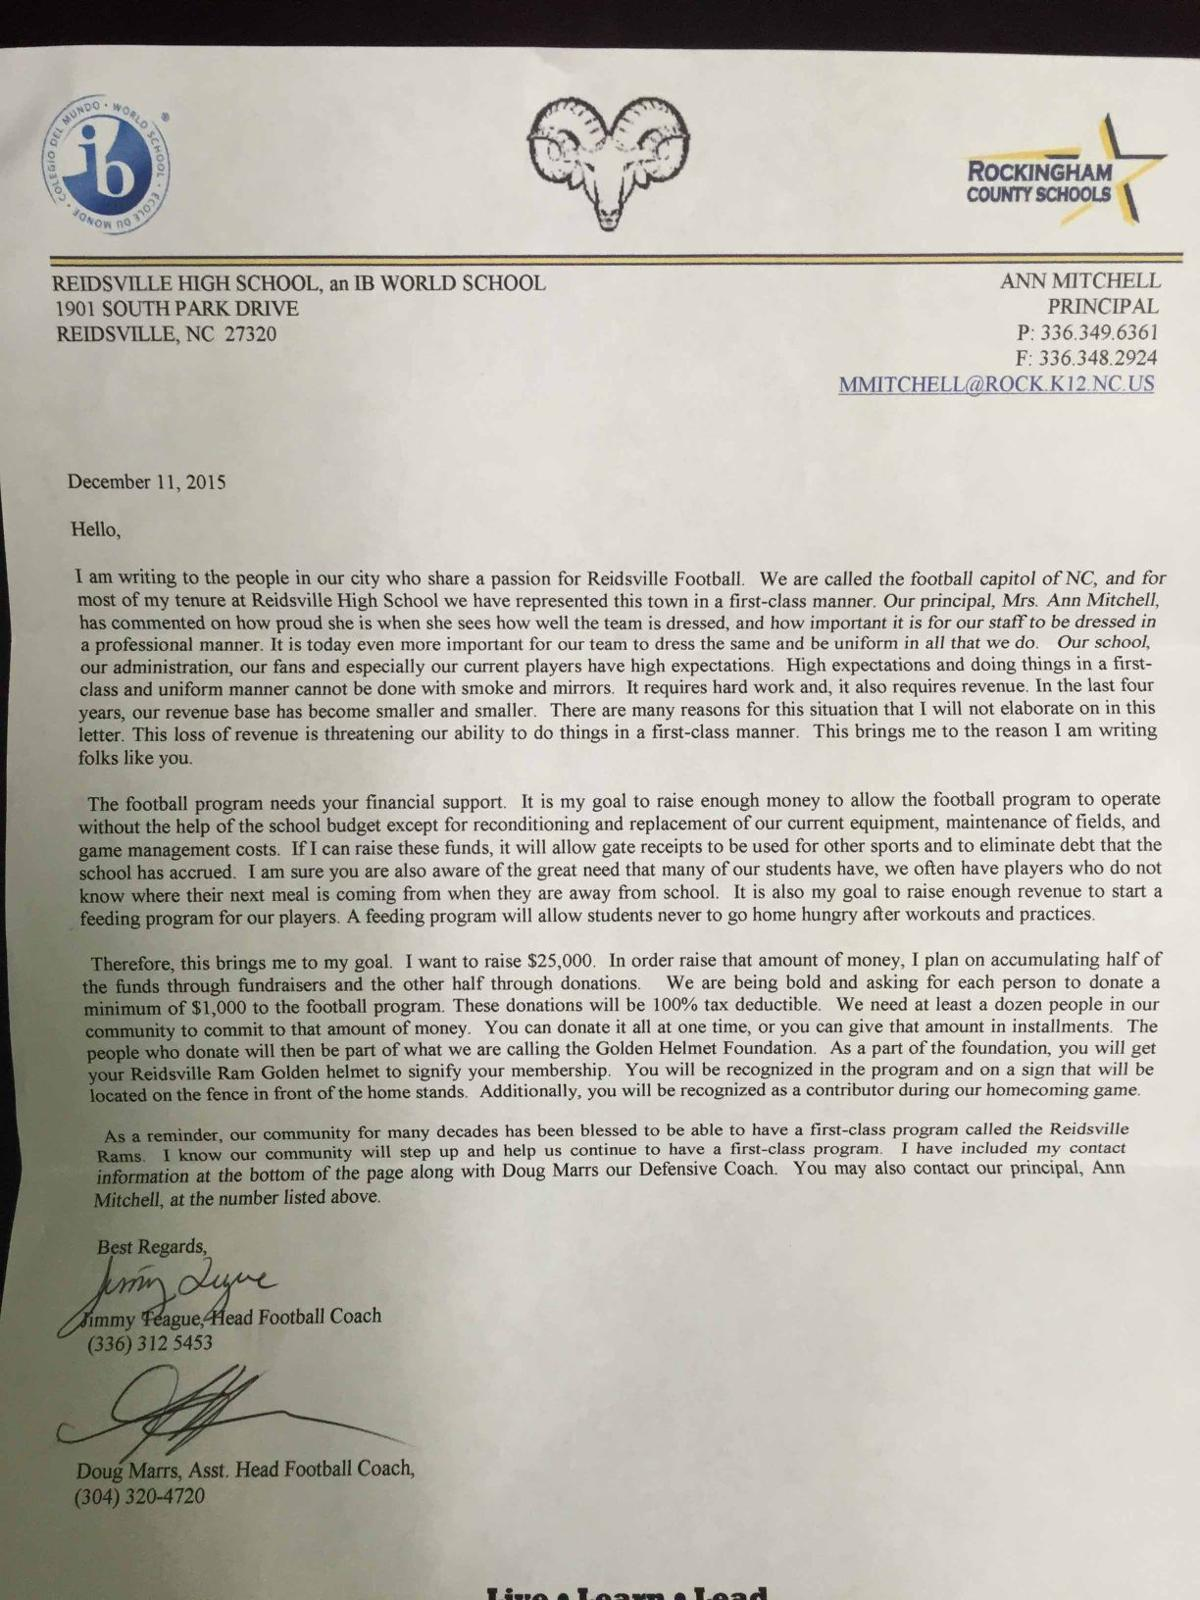 Reidsville High School athletics under investigation for